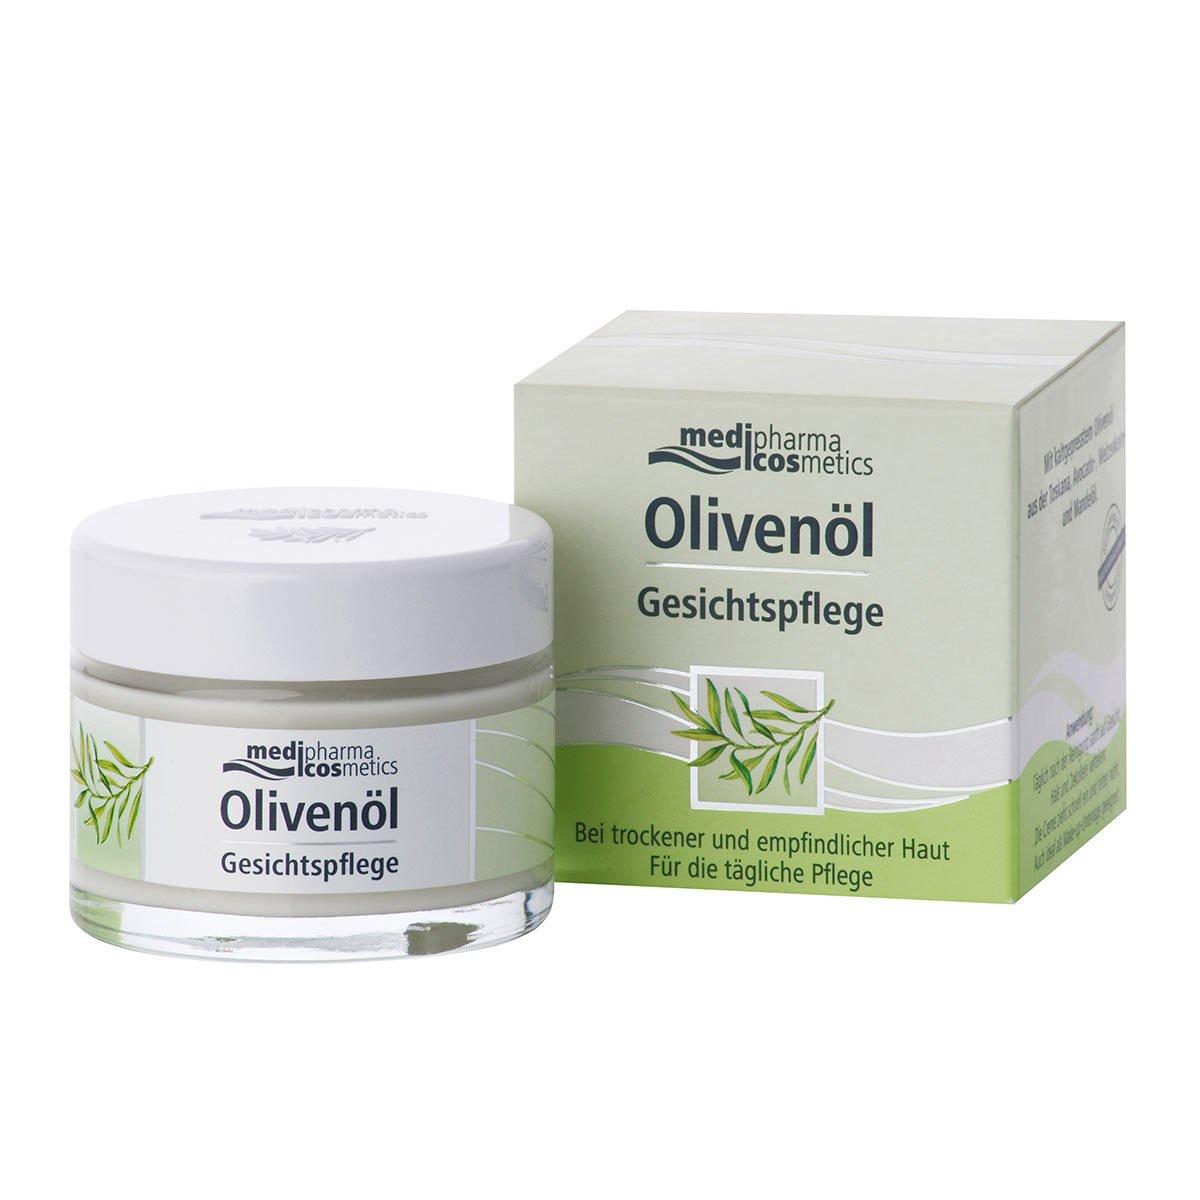 Dr.Theiss Olivenöl Gesichtspflege Gesichtscreme, 1er Pack (1 x 50 g) 1865133